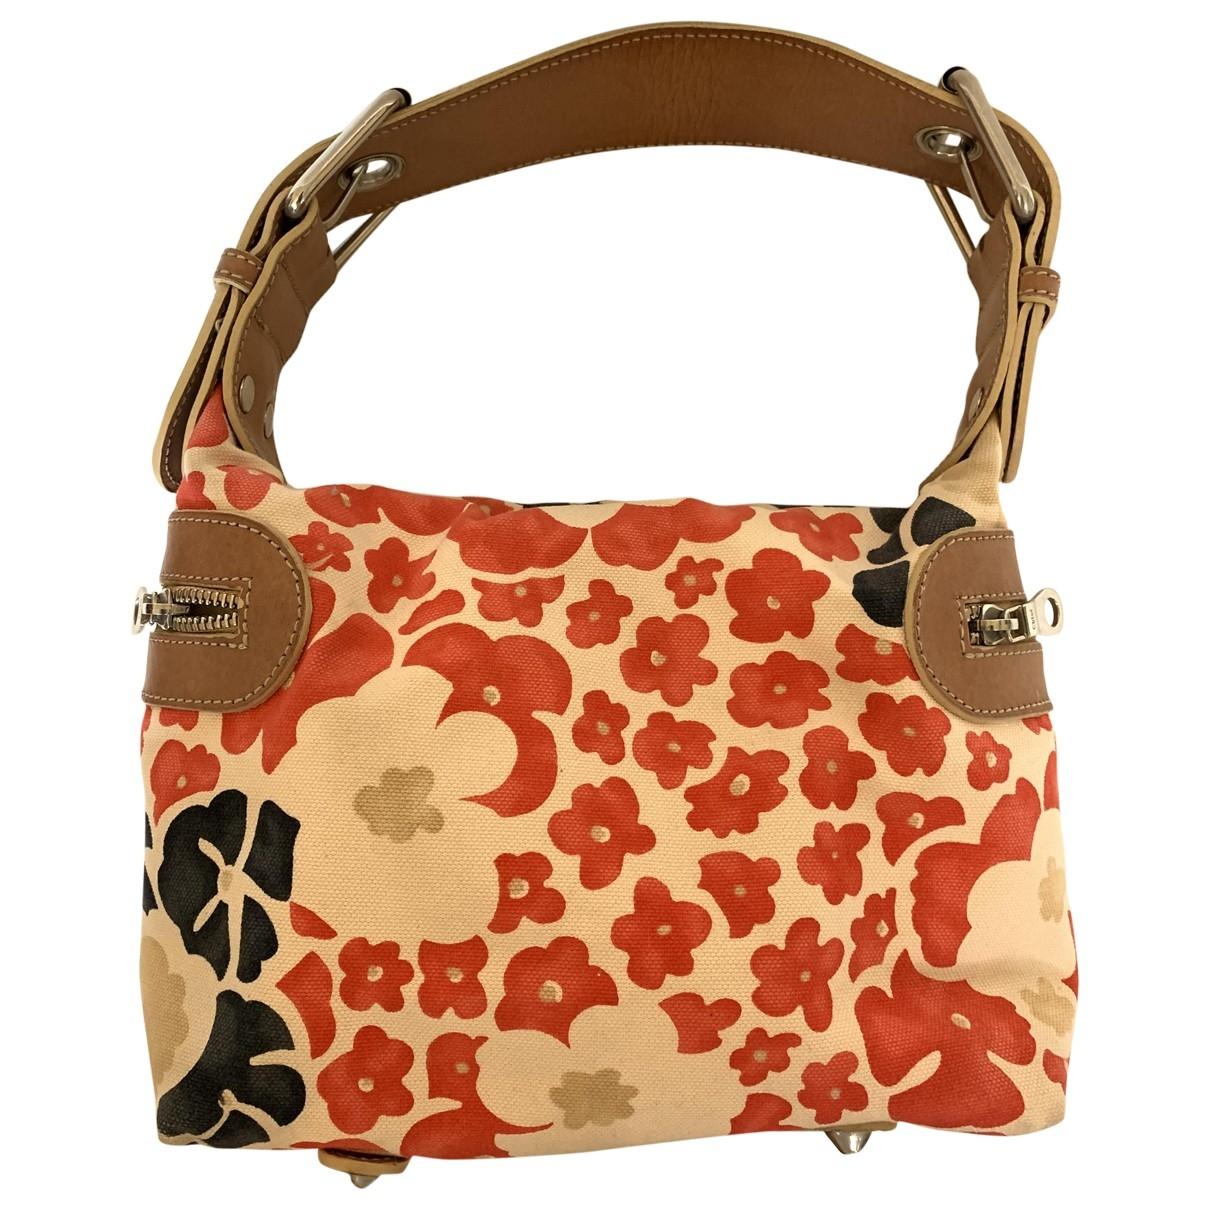 Chloé \N Red Cloth handbag for Women \N